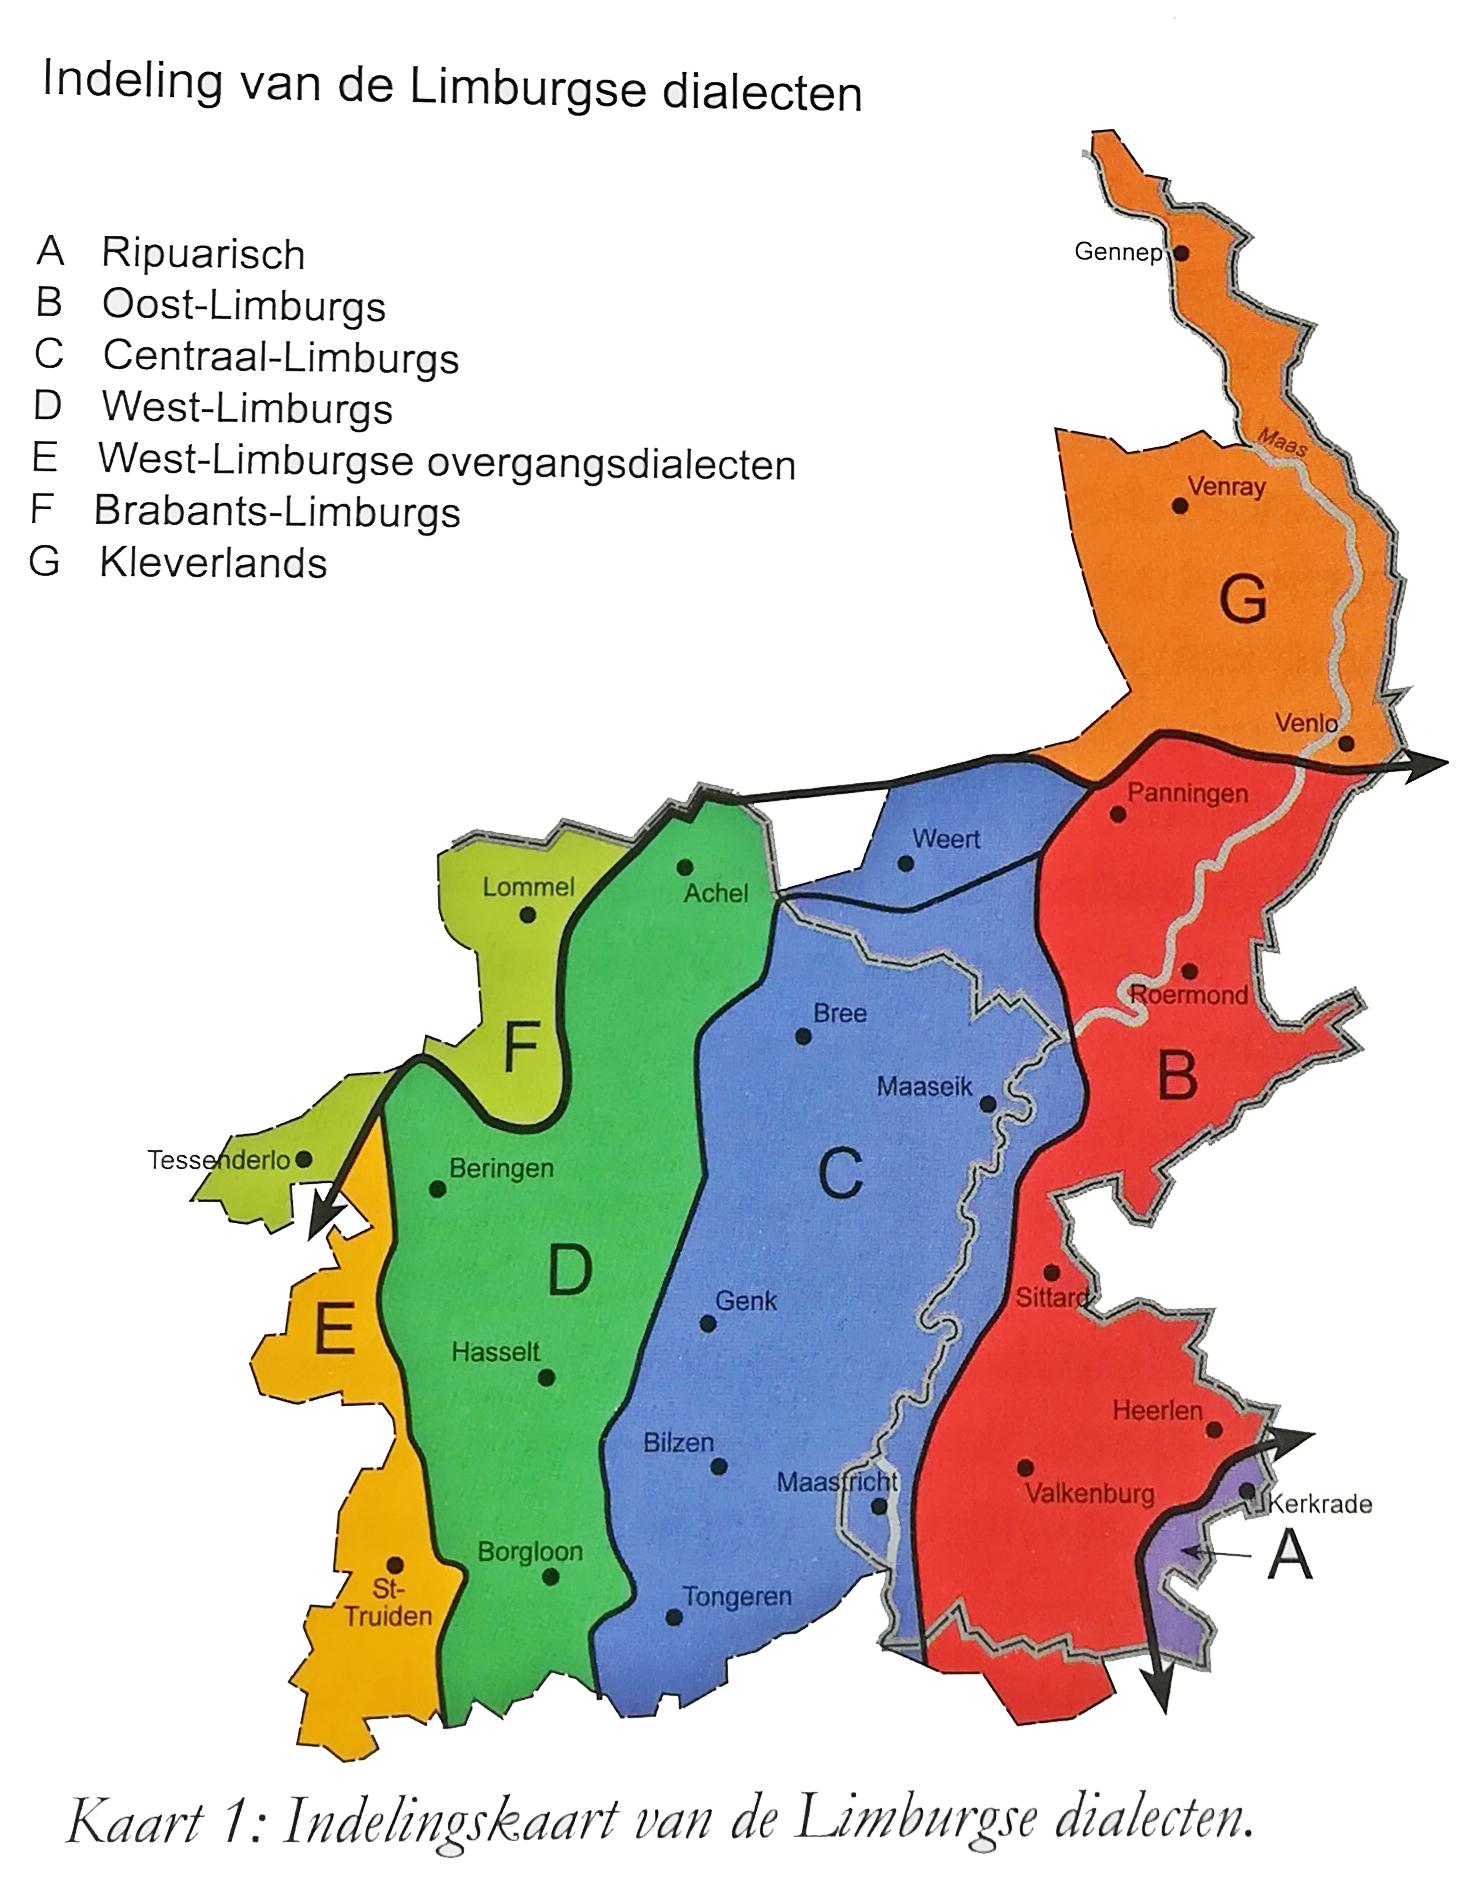 Indelingskaart van de Limburgse dialecten